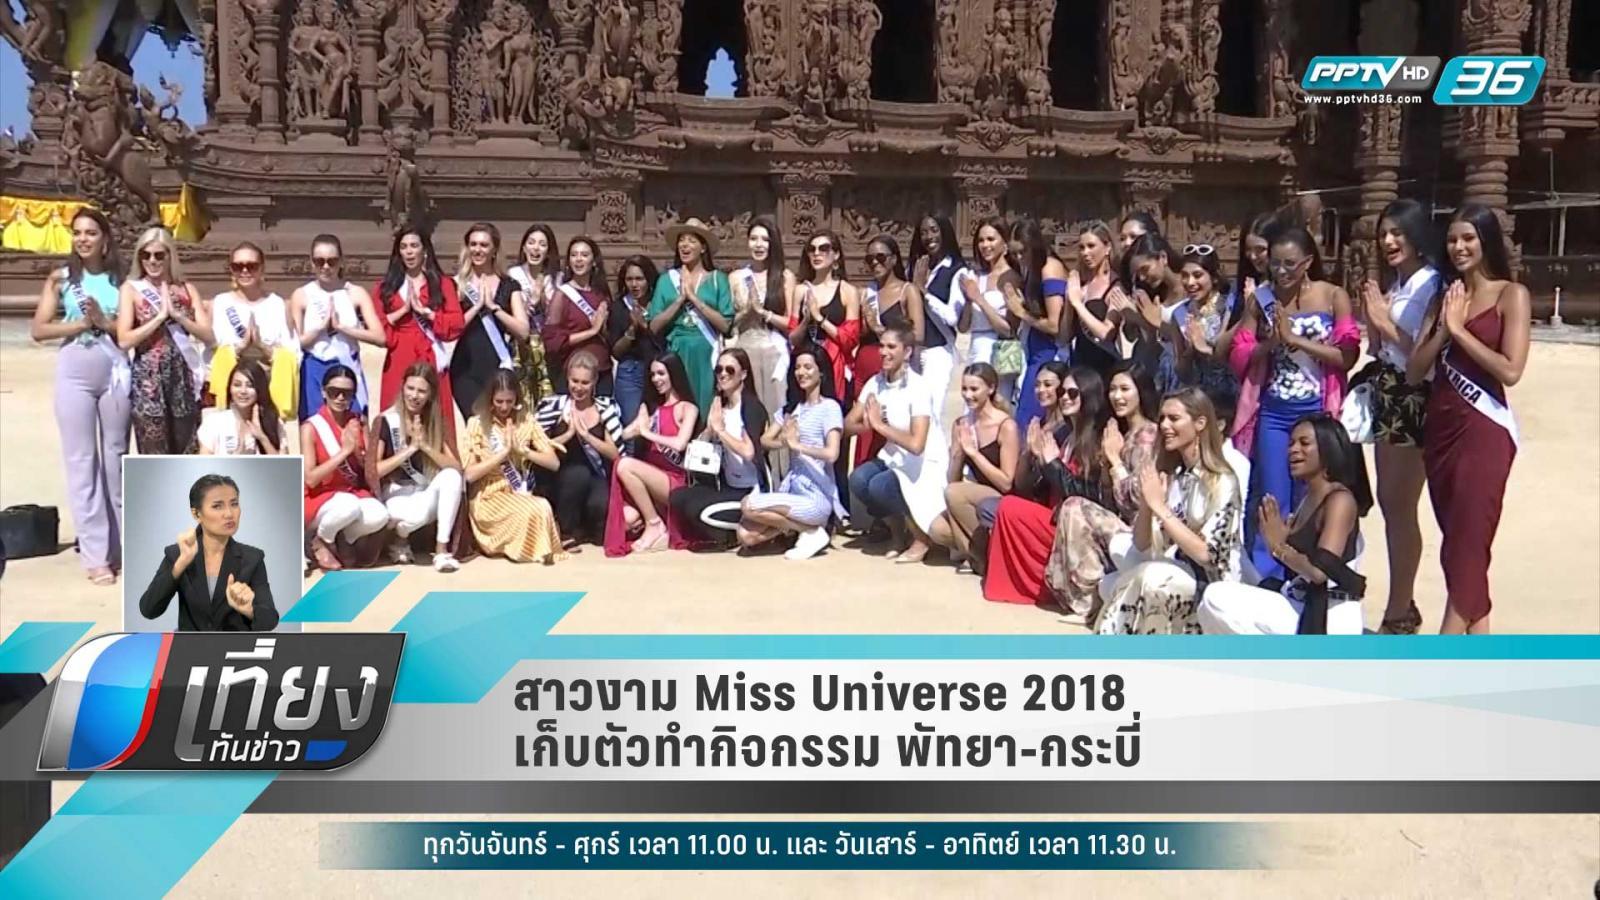 สาวงาม Miss Universe 2018 เก็บตัวทำกิจกรรม พัทยา-กระบี่